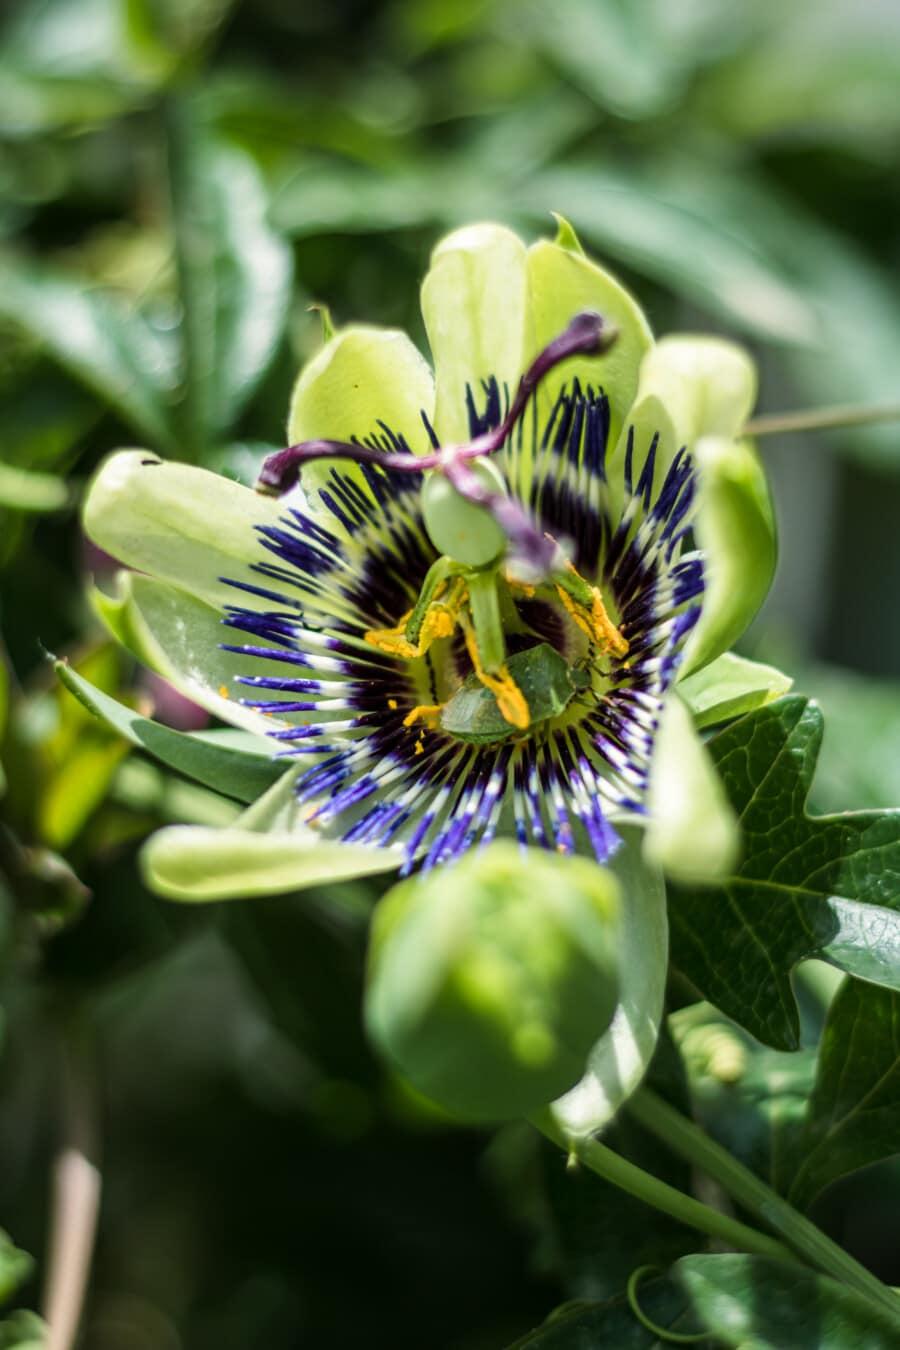 exotisch, Regenwald, Blumen, Blume, Stempel, Pollen, tropische, Botanik, aus nächster Nähe, Detail